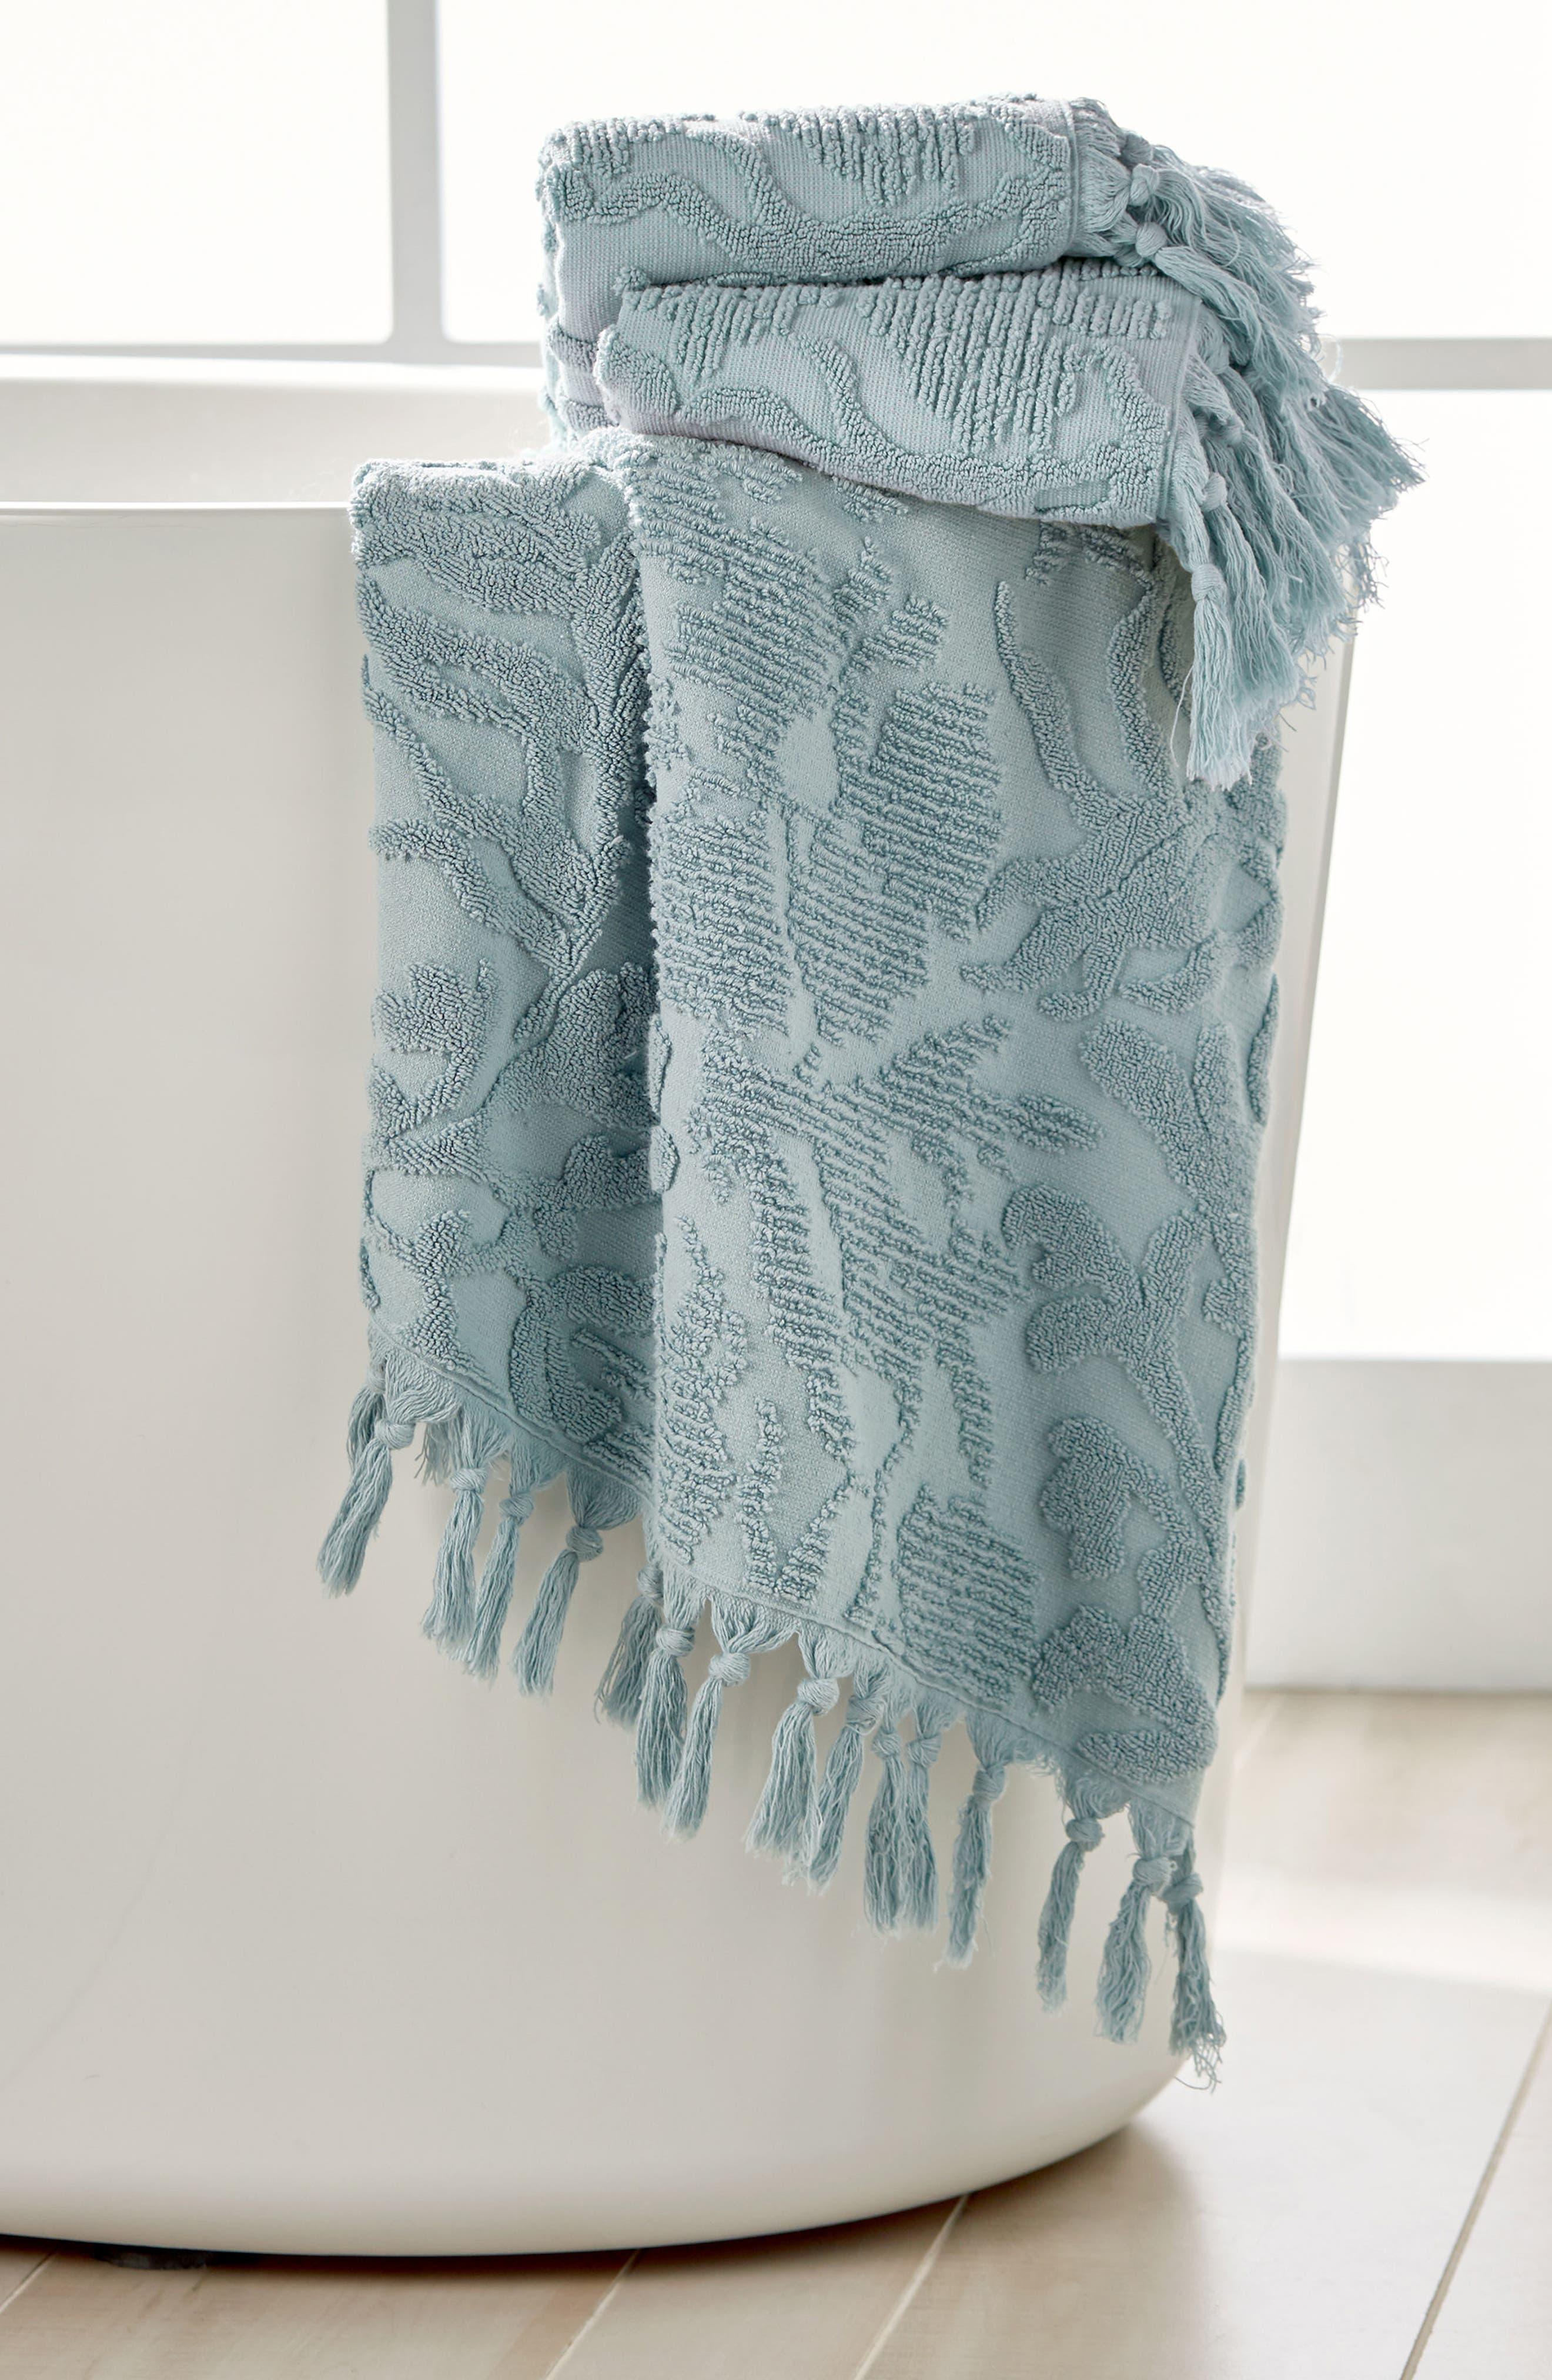 MICHAEL ARAM,                             Ocean Reef Hand Towel,                             Alternate thumbnail 4, color,                             SEAFOAM